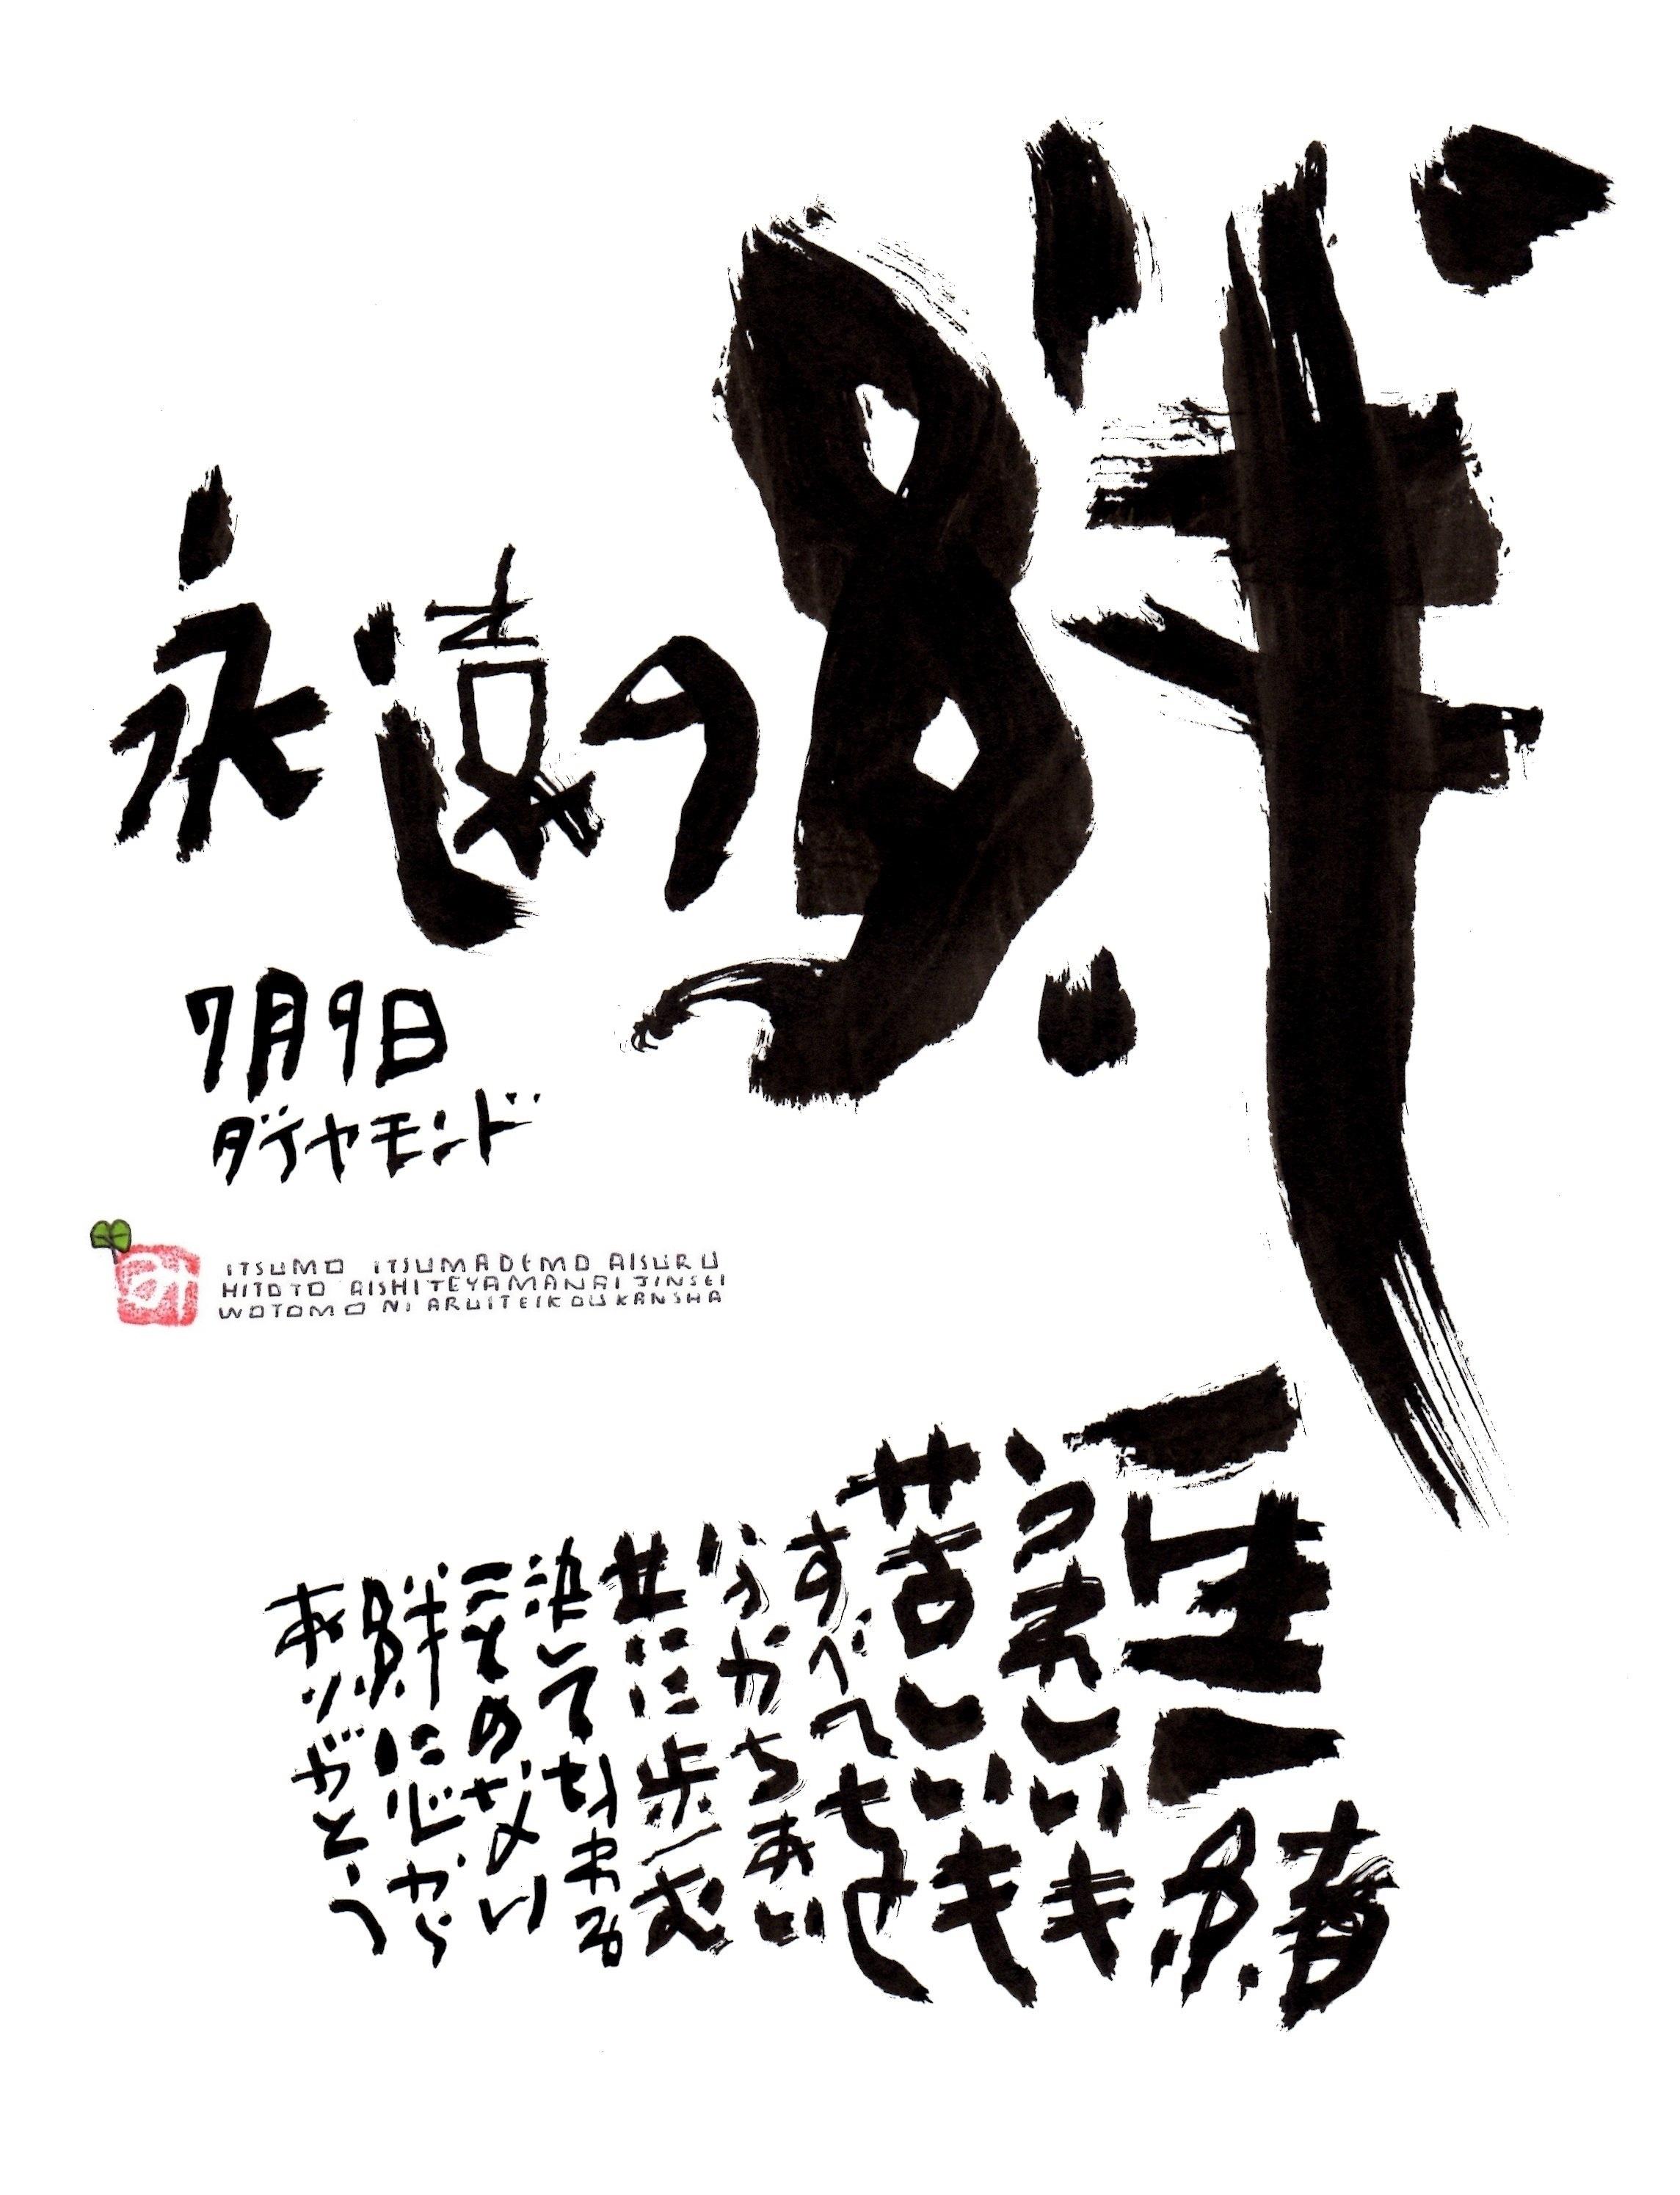 7月9日 結婚記念日ポストカード【永遠の絆】